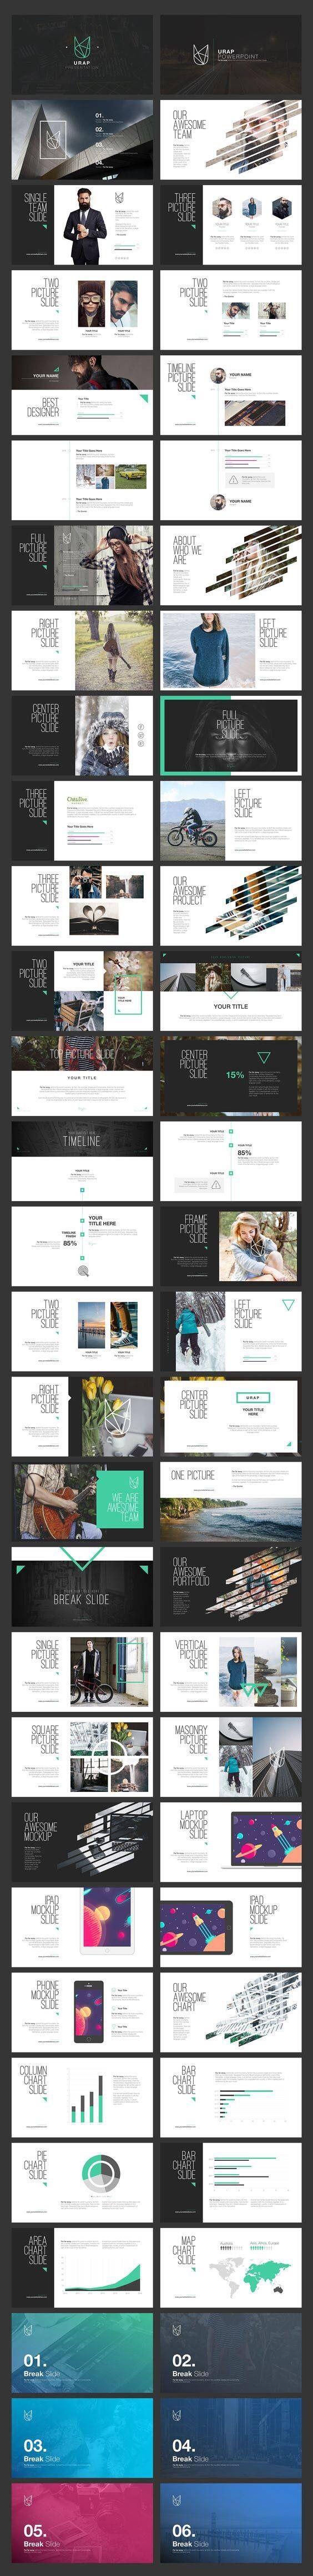 18 best work images on pinterest mobile web design web design